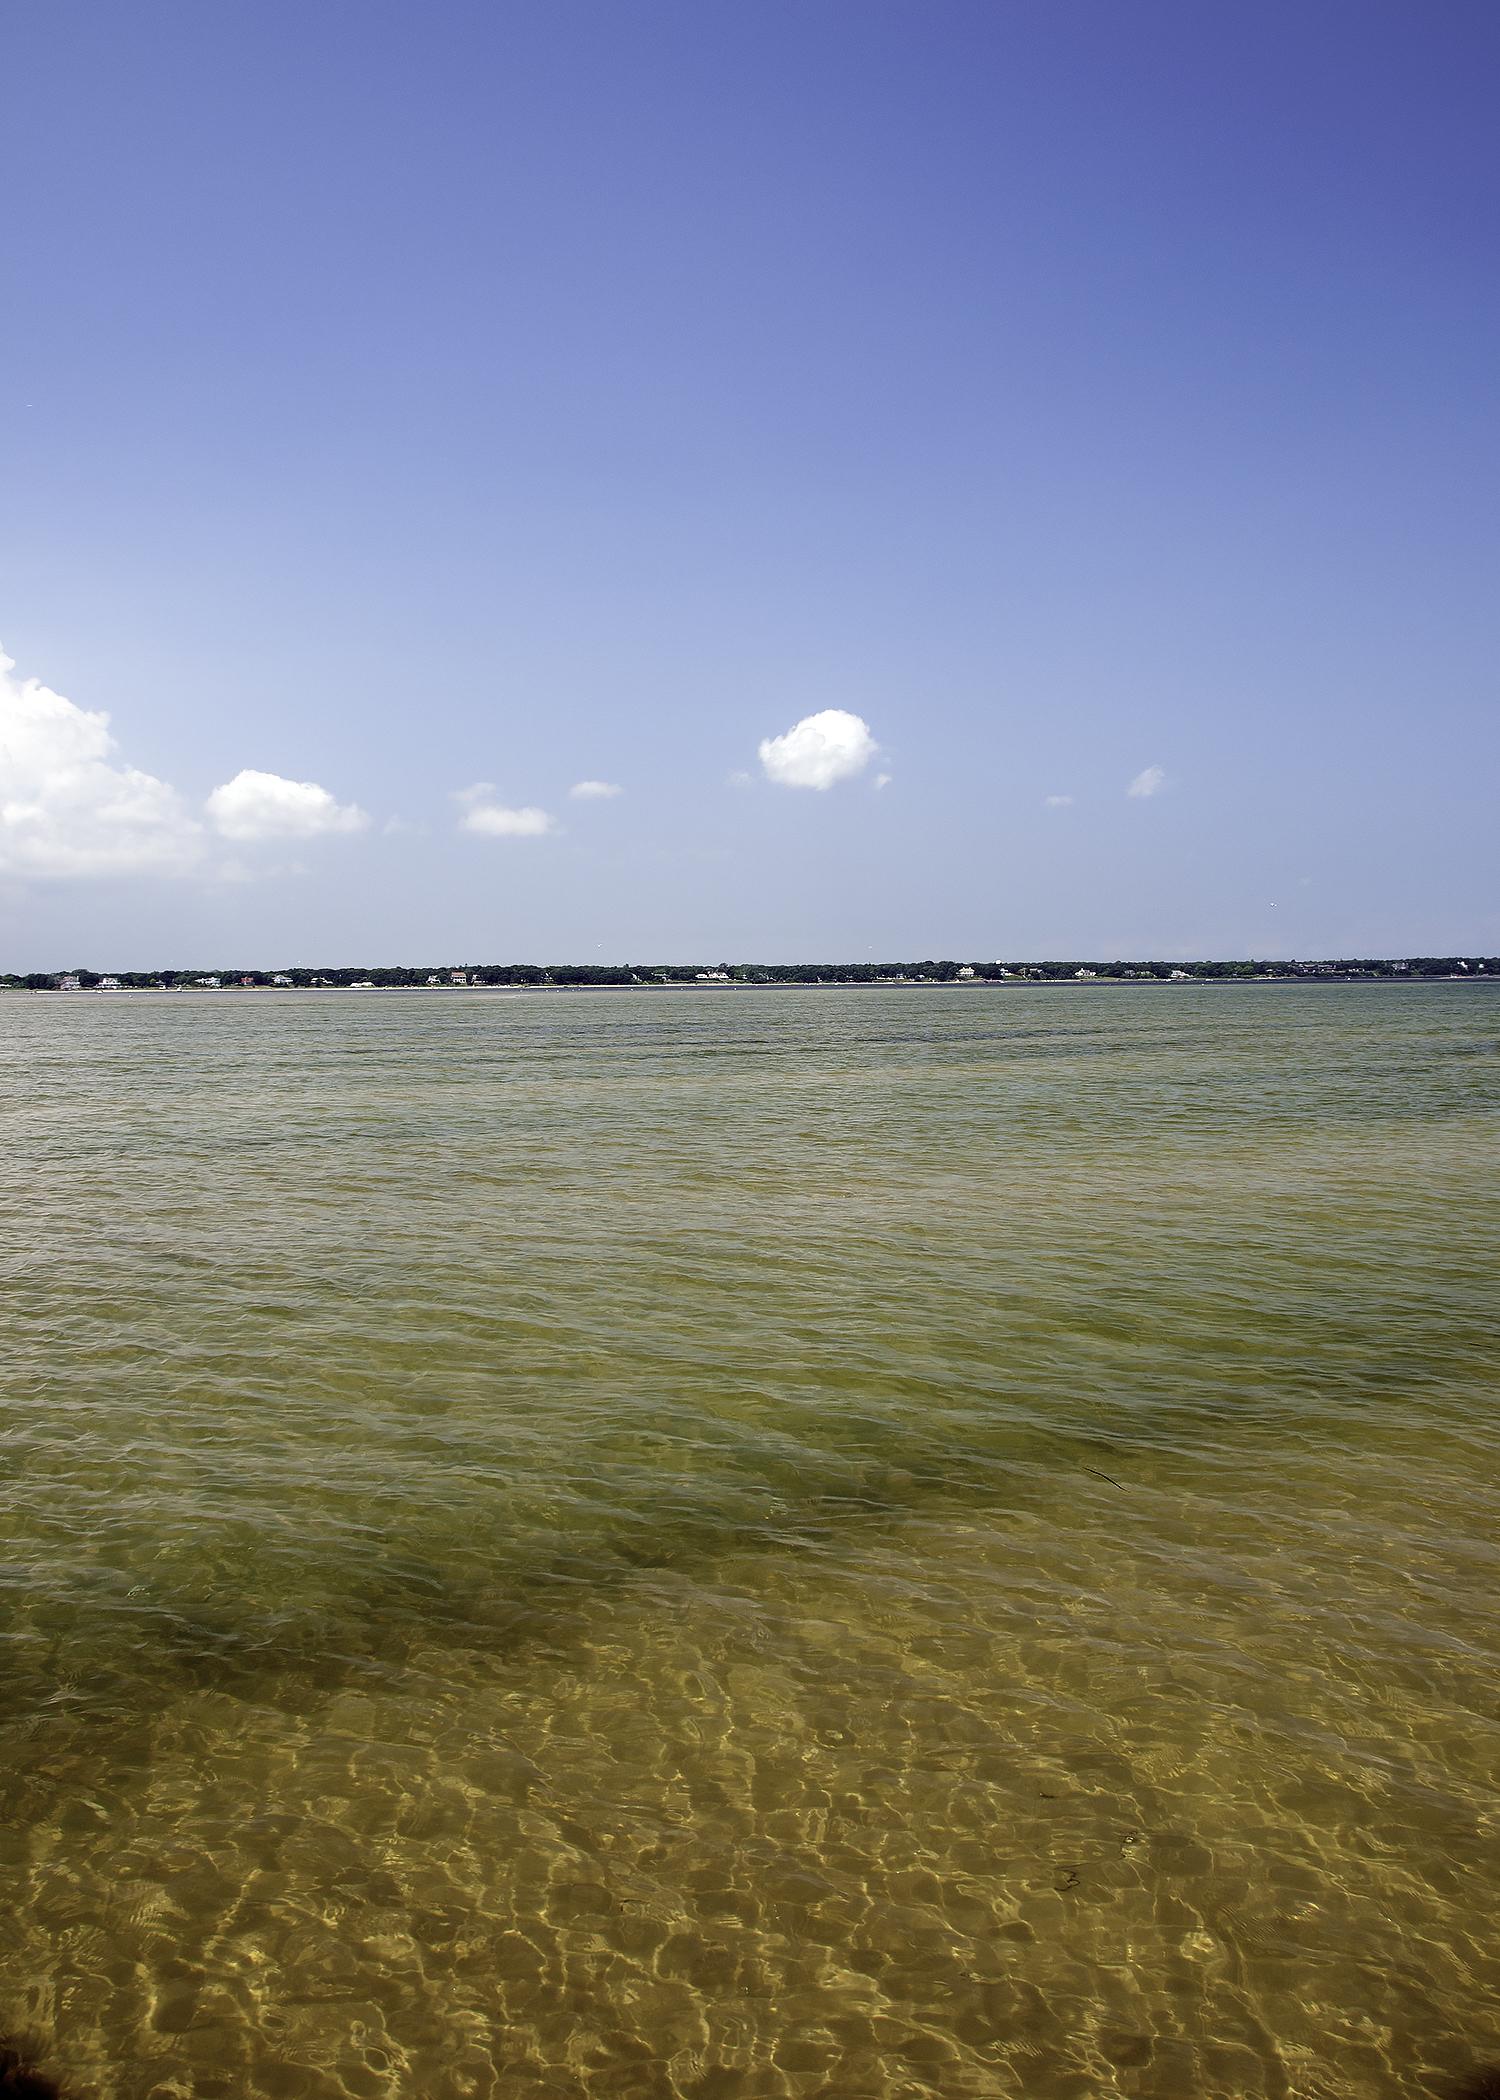 Bahama like Flats